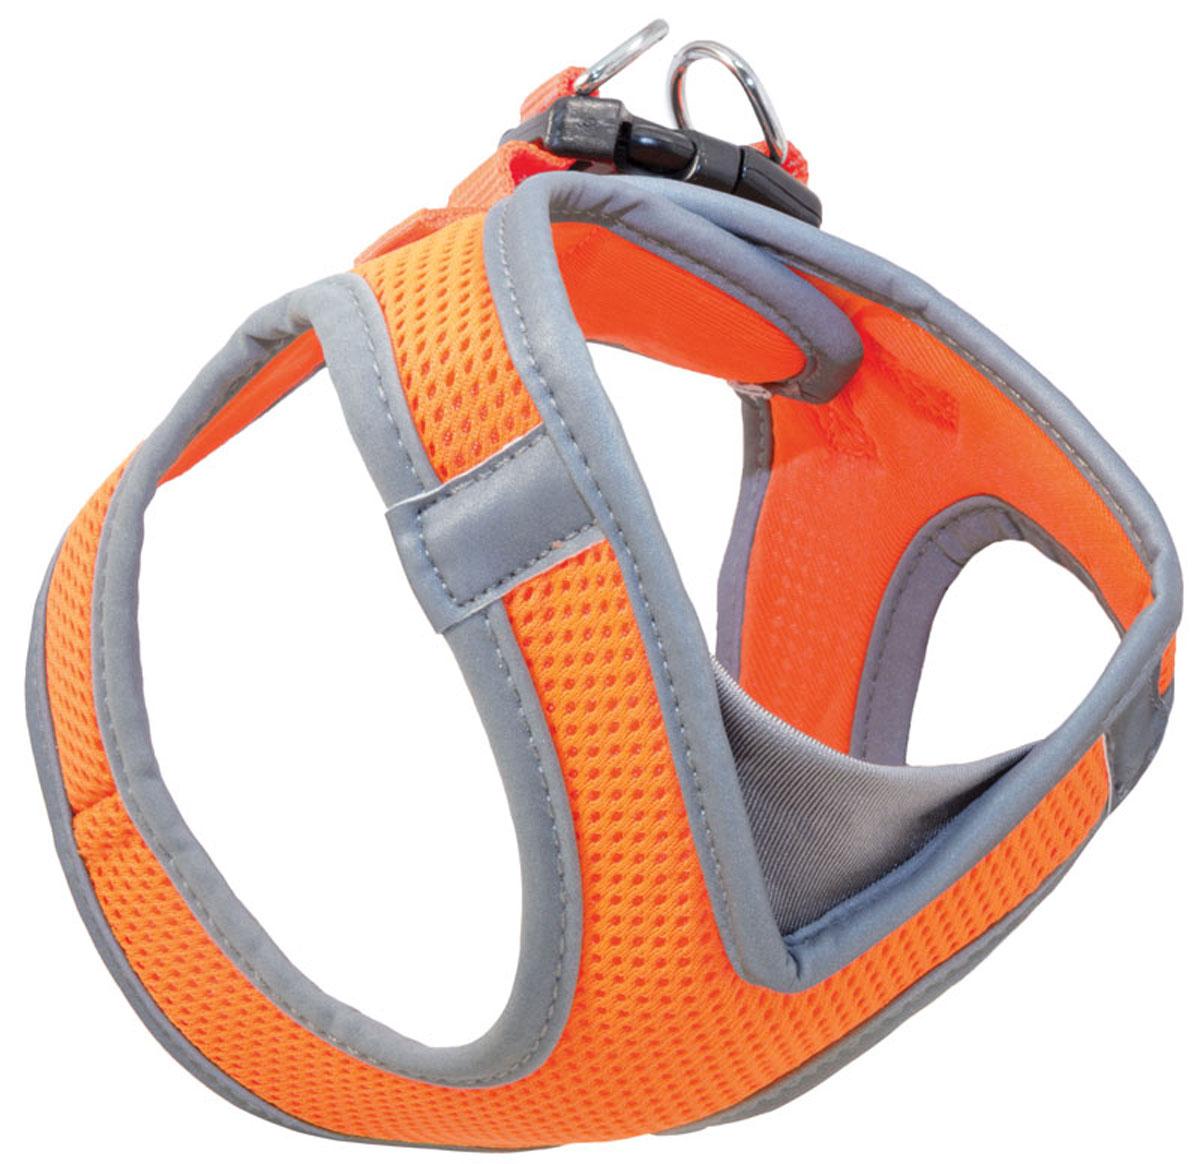 Шлейка жилетка мягкая для собак Triol S нейлоновая оранжевая 36 - 41 см (1 шт) фото